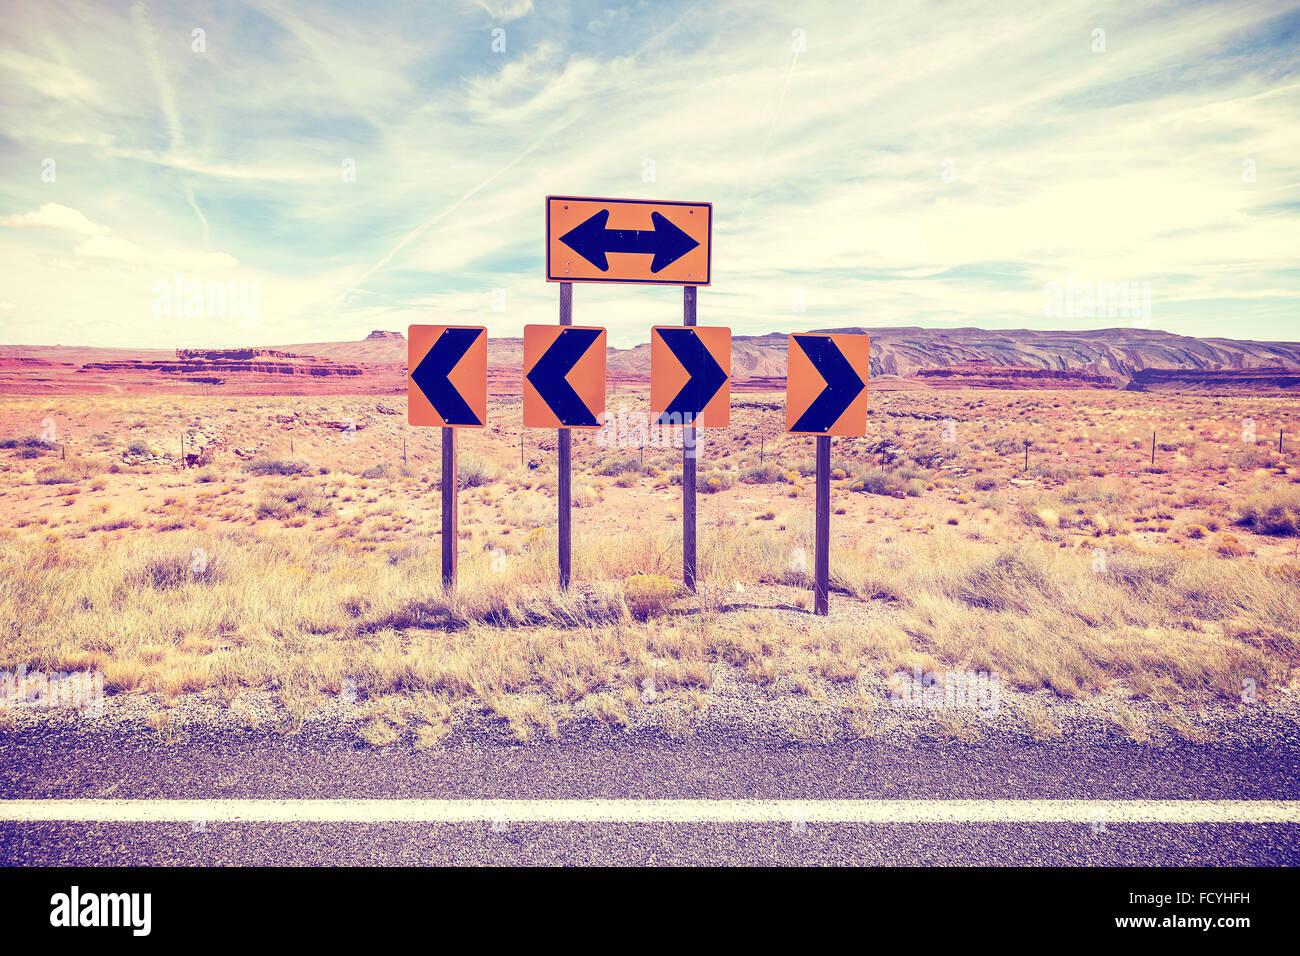 Vintage foto estilizada de las señales de tráfico, el concepto de elección. Imagen De Stock